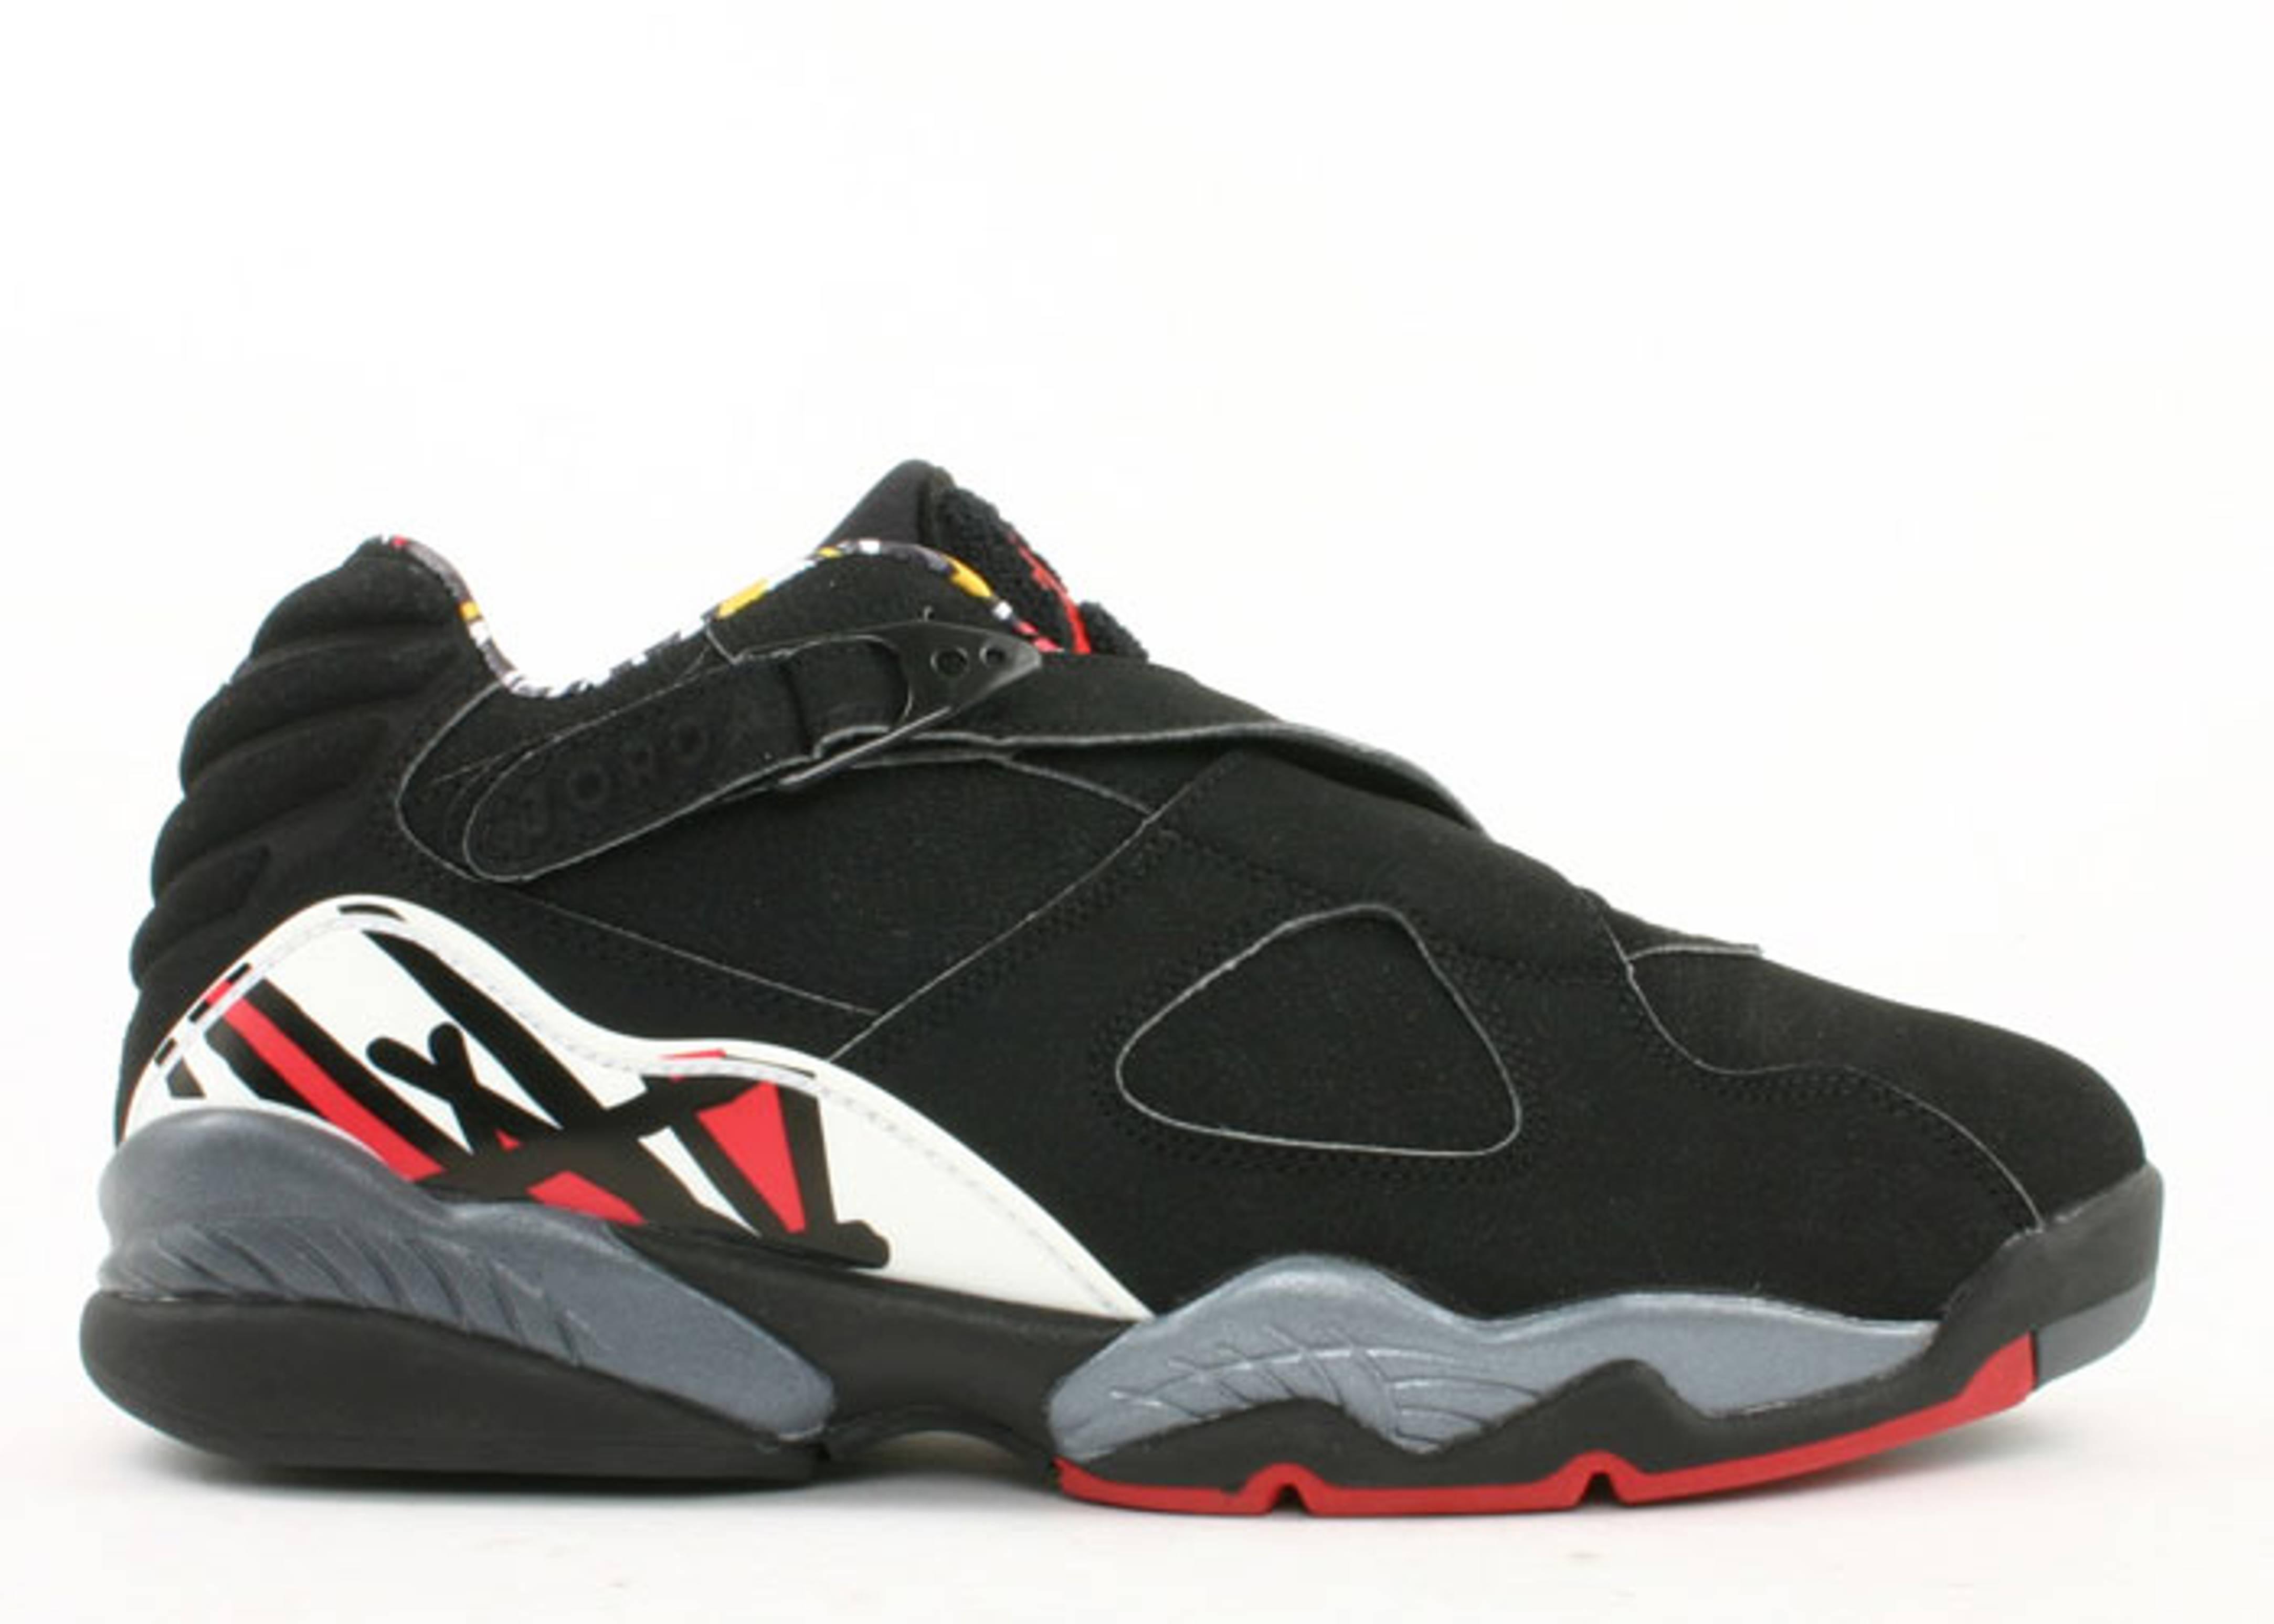 9a8013a2319353 Air Jordan 8 Retro Low